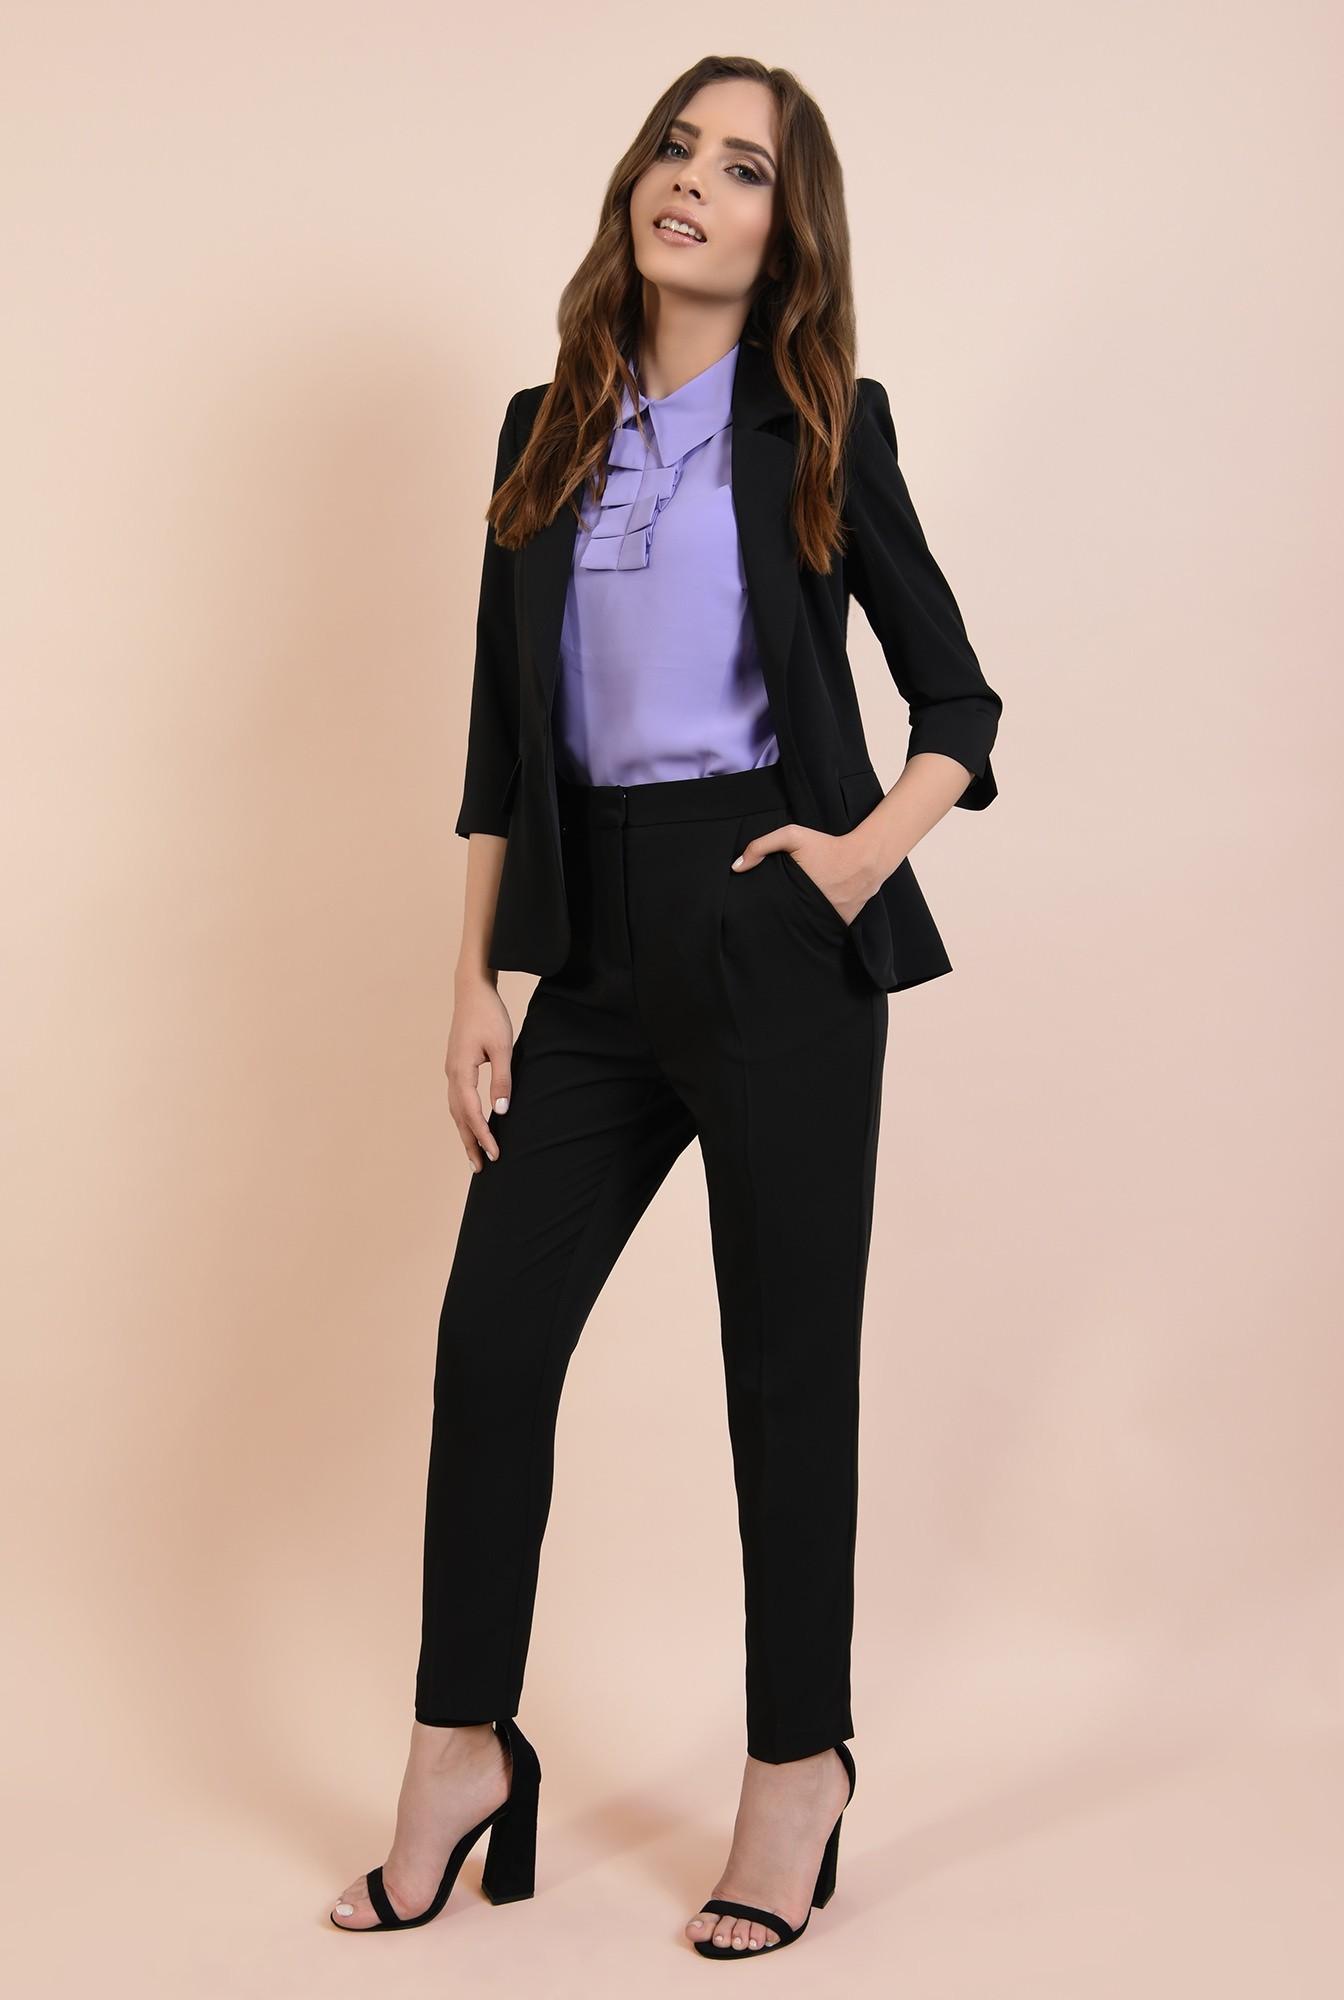 0 - pantaloni office, costum, negri, tigareta, cu buzunare